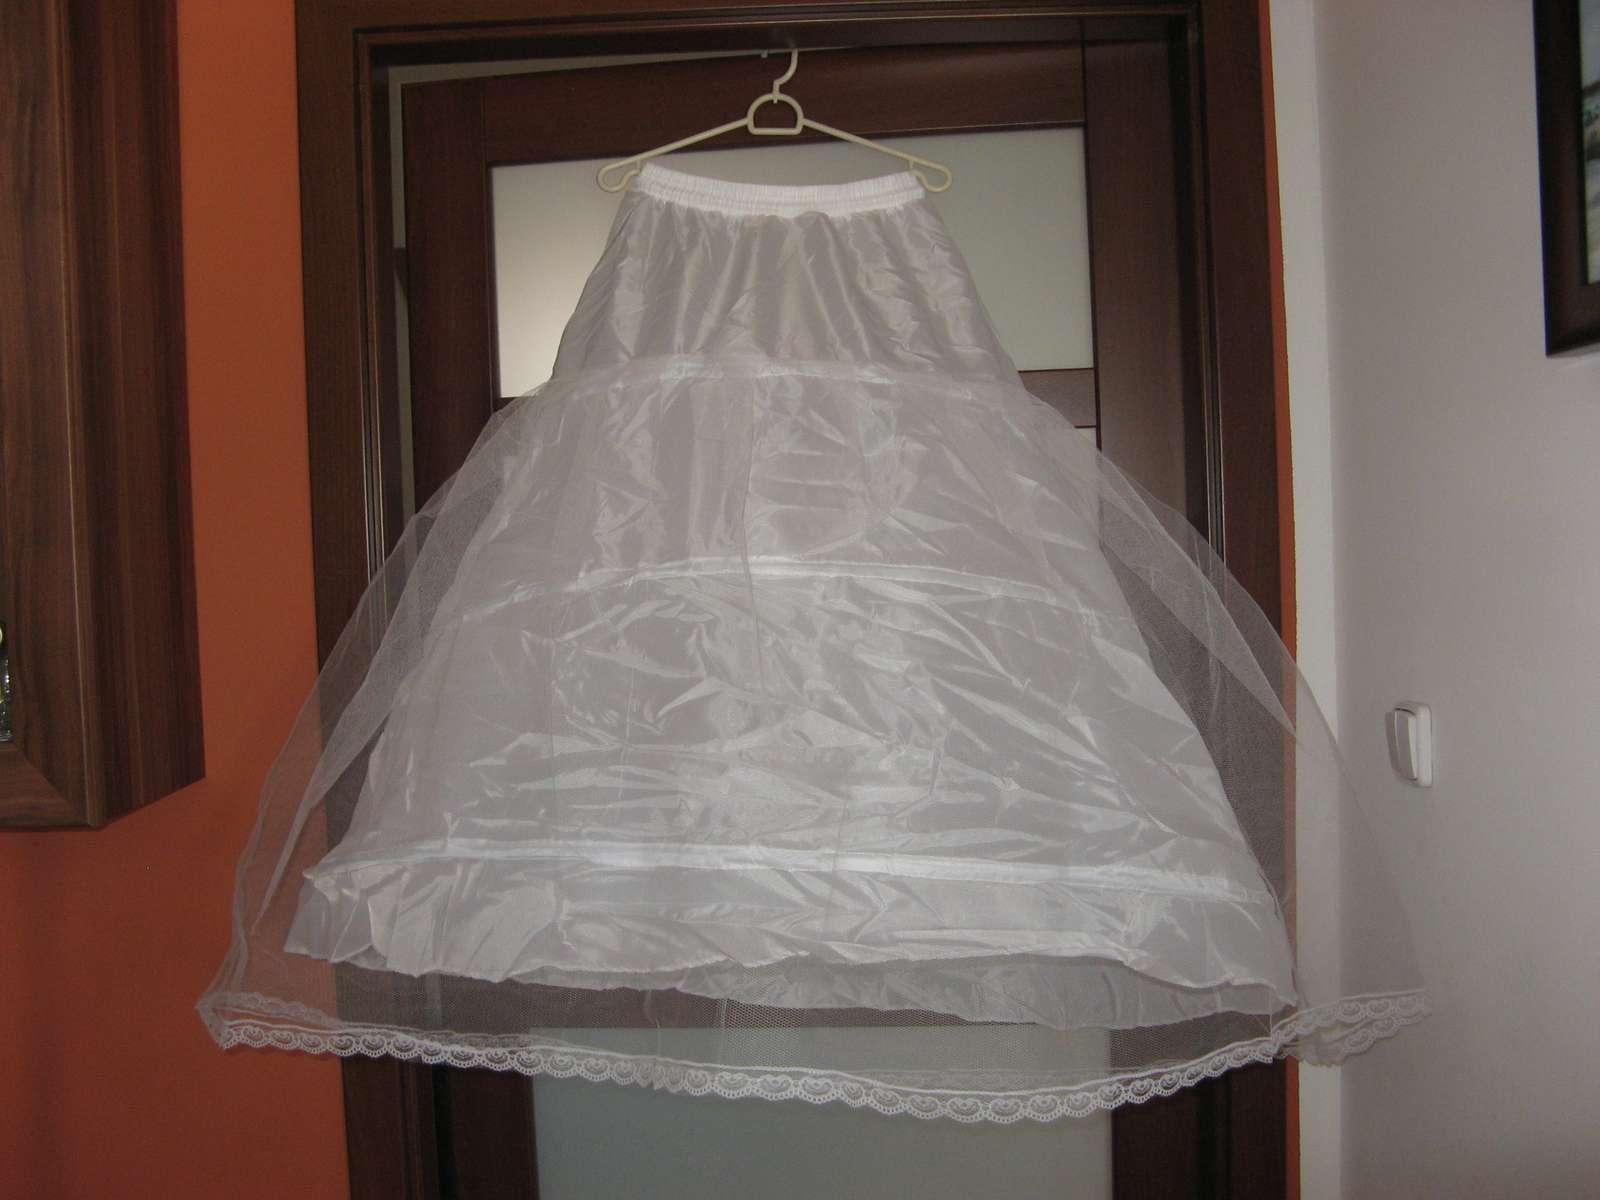 cd5f6c07577f Spodnička pod šaty bazar – Koupelnový nábytek